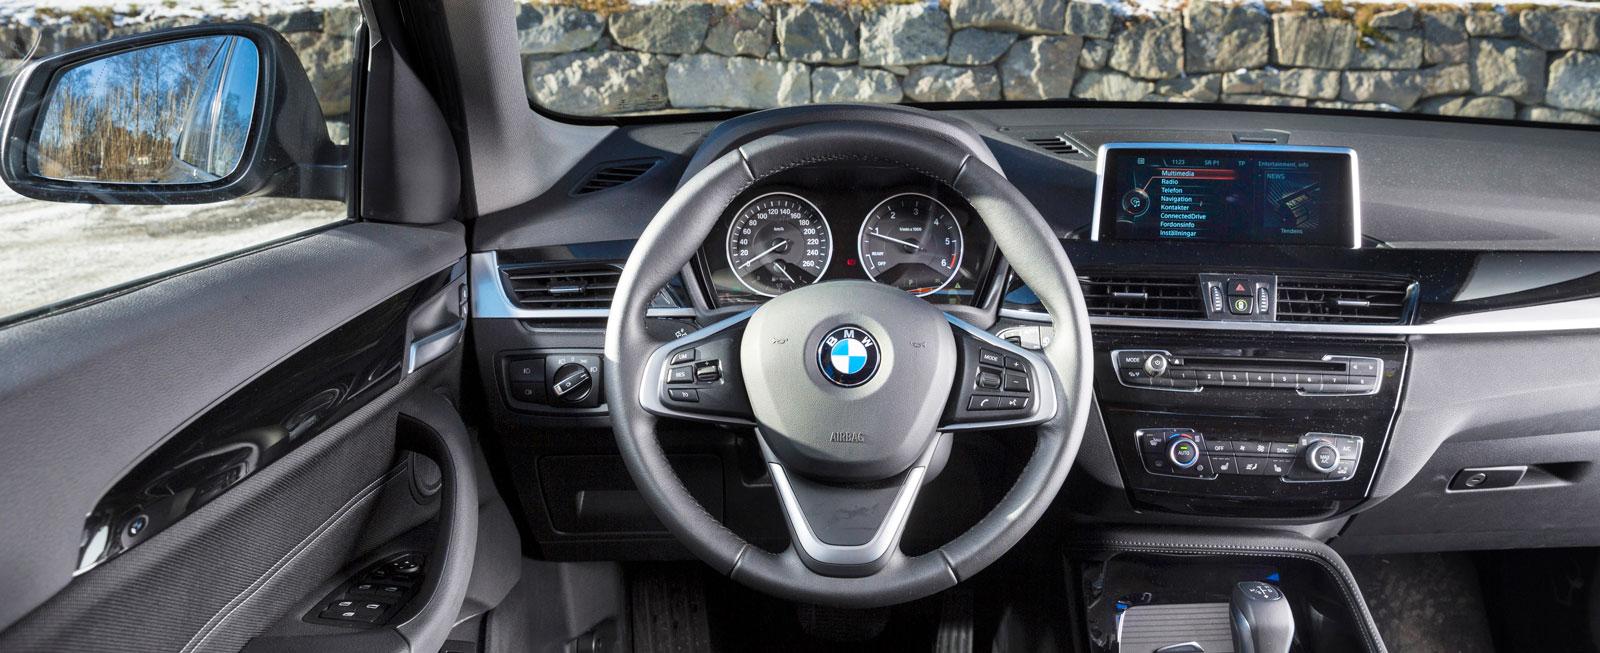 Utseende och finish ett lyft jämfört med förra generationen, funktionerna bekanta från andra BMW. Ratten skymmer nedre delen av instrumenthuset.